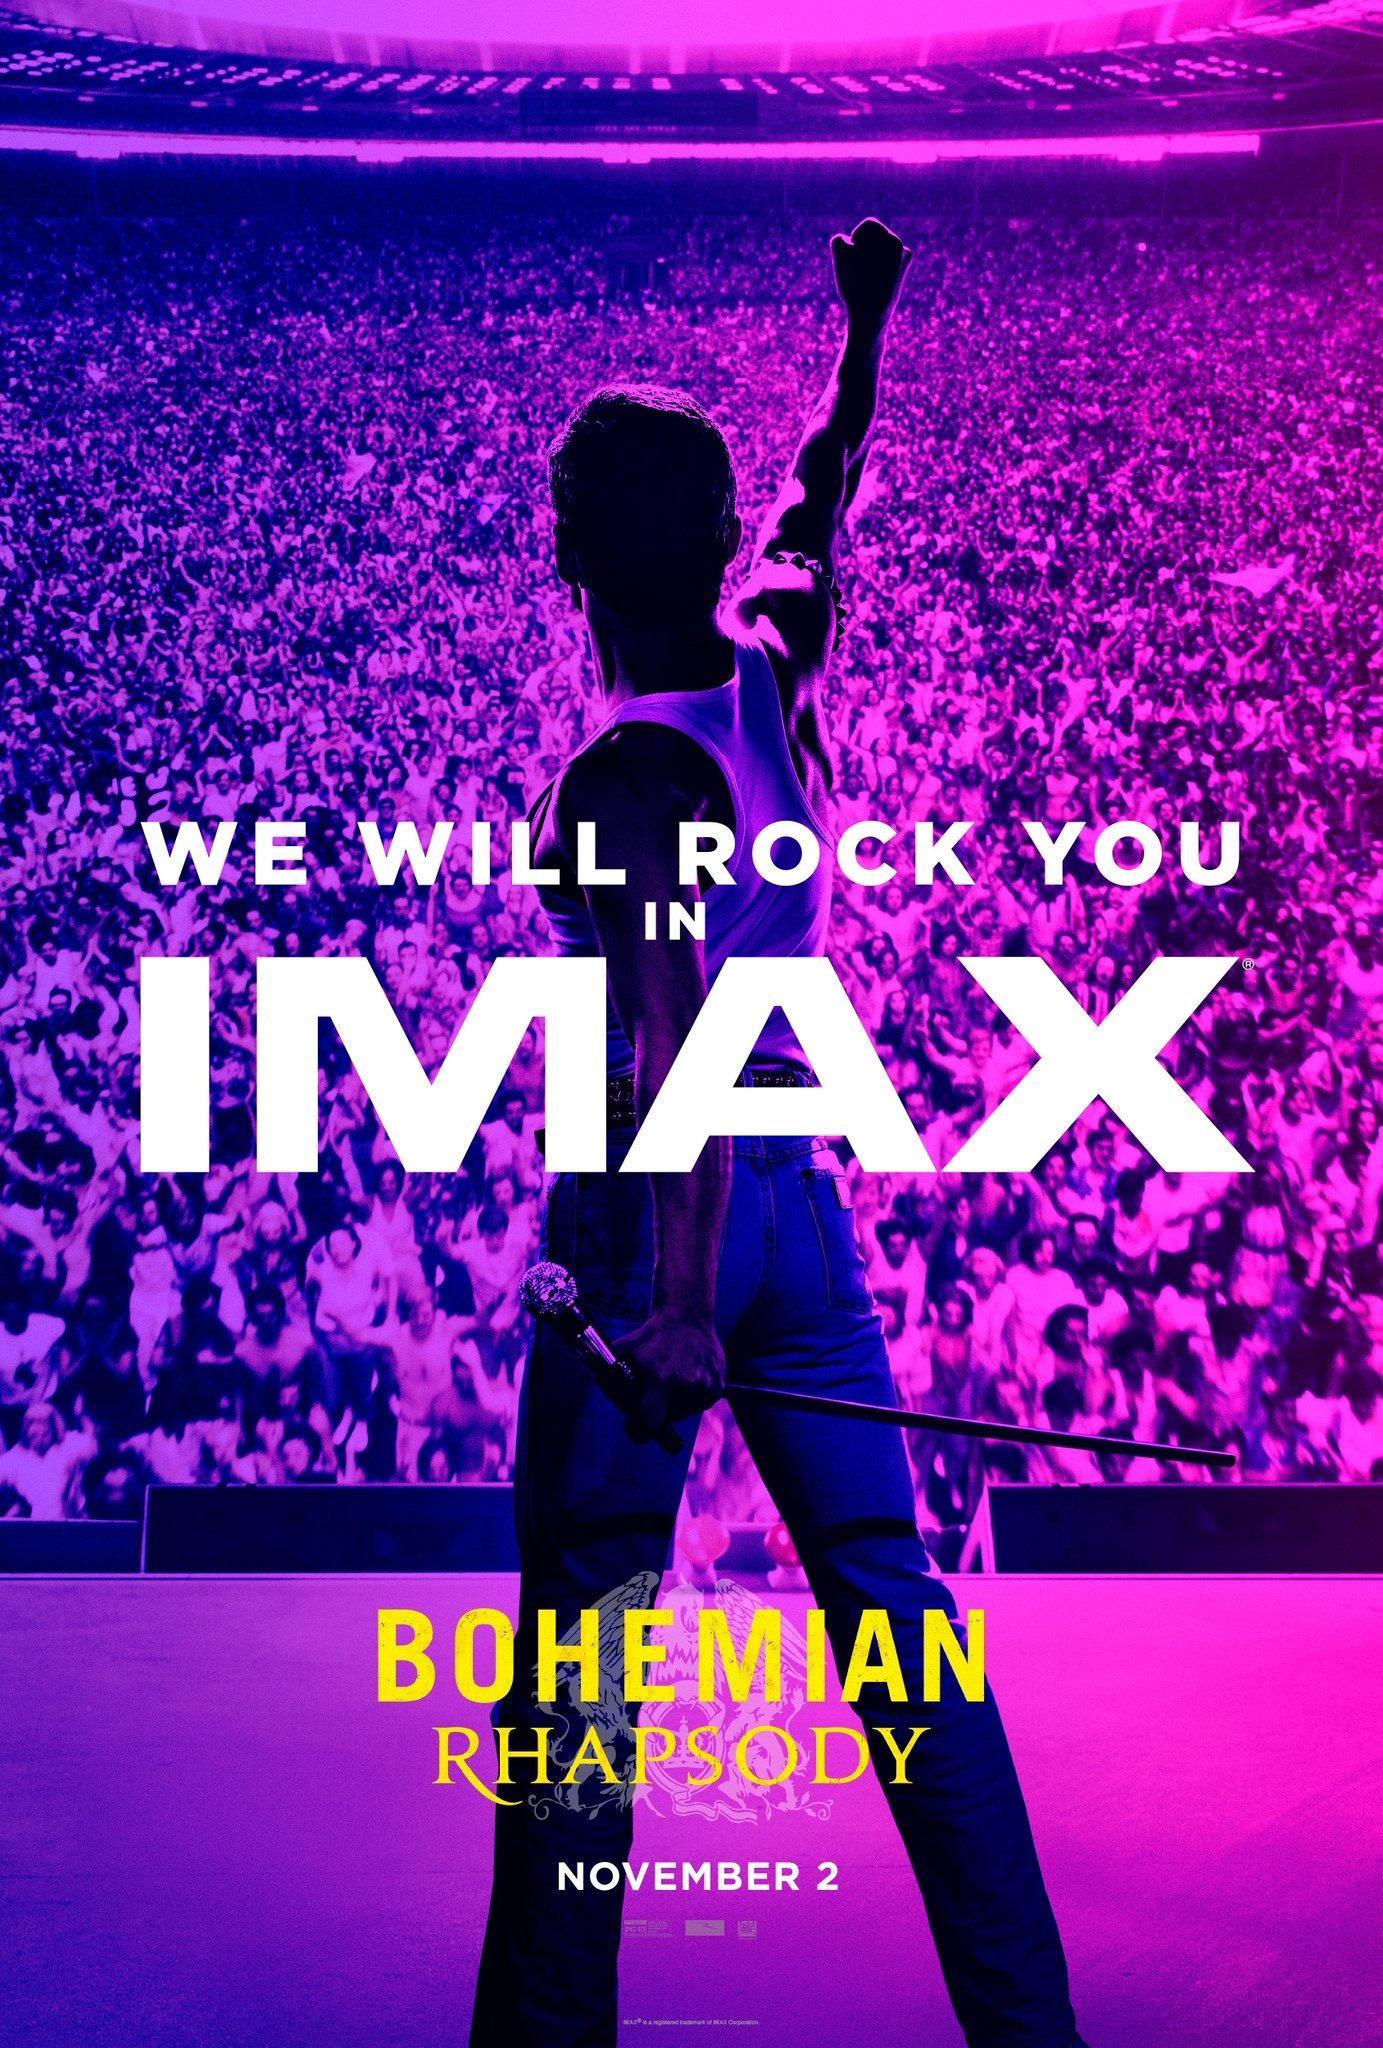 постер 223714 для фильма богемская рапсодия Bohemian Rhapsody